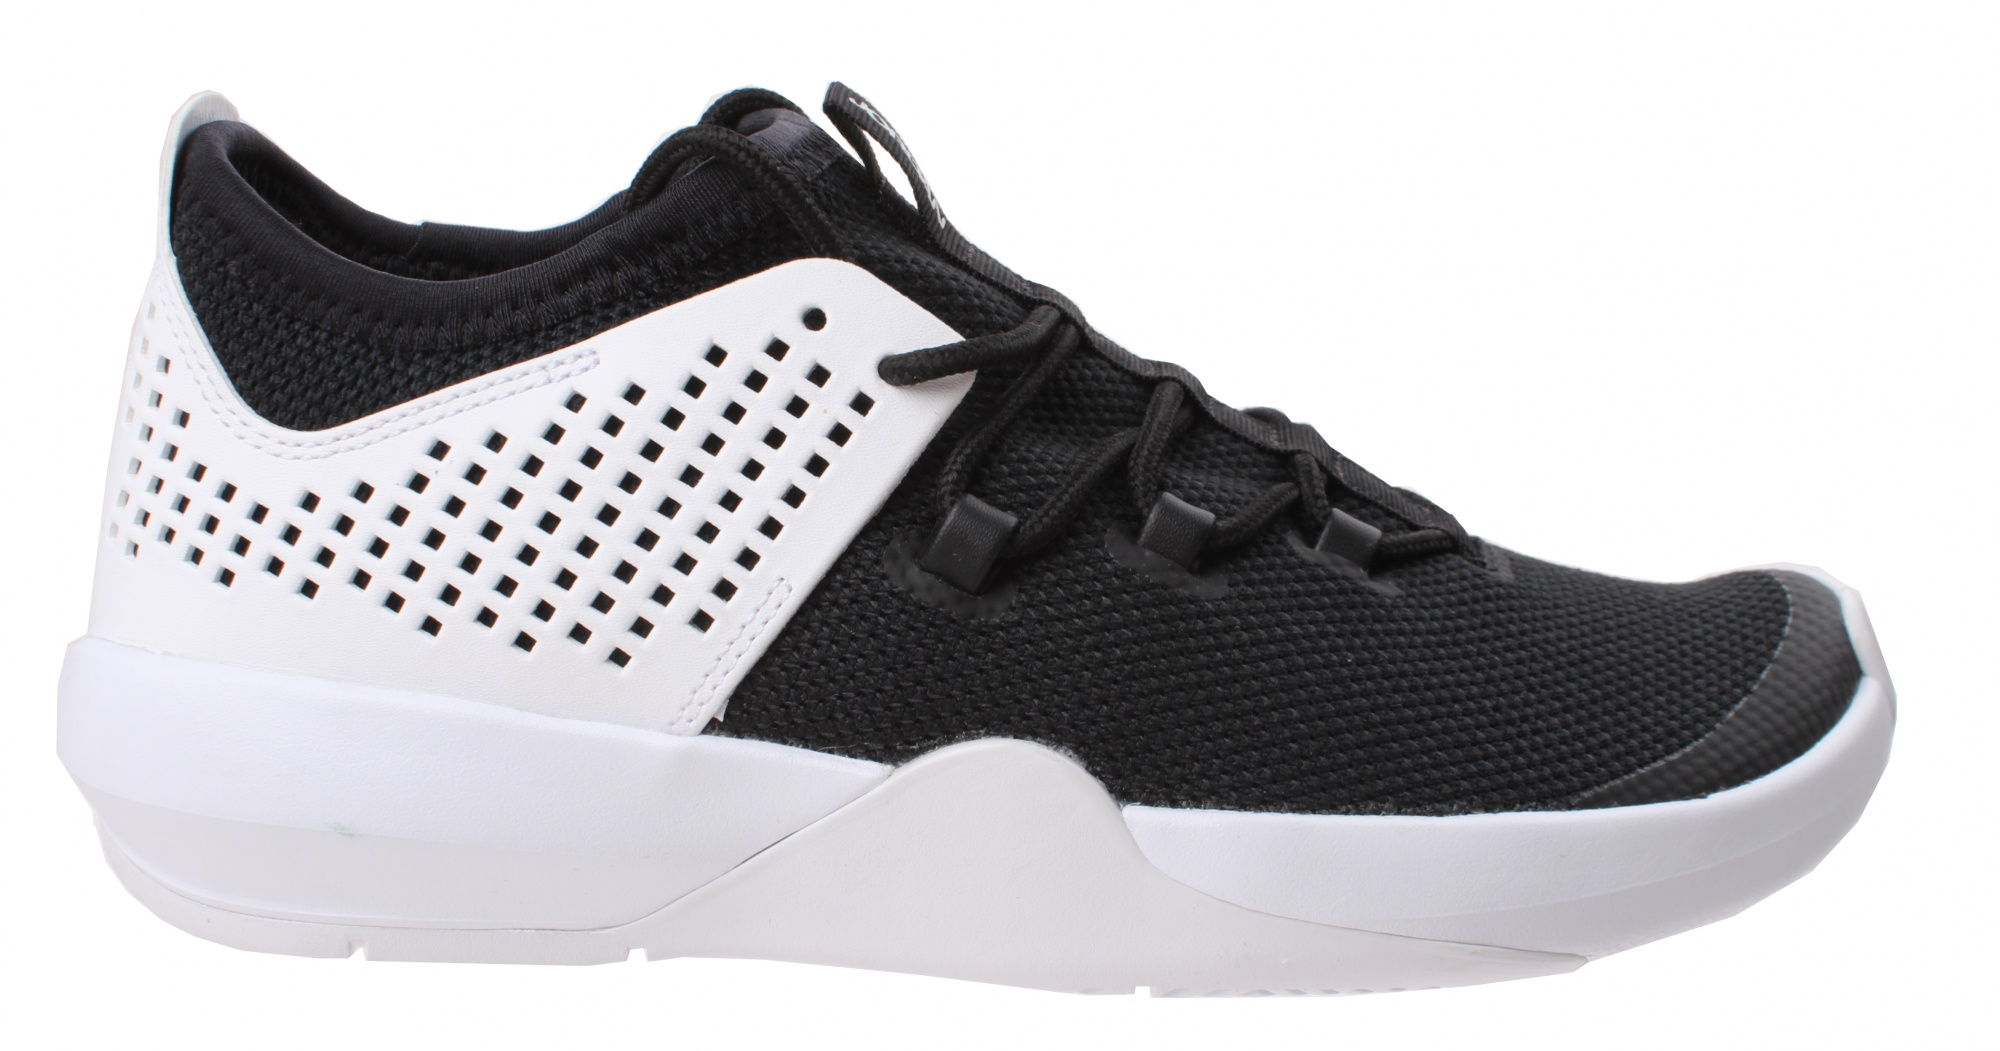 brand new 37214 816a0 Nike sneakers Jordan Eclipse Express men black  white - Inte